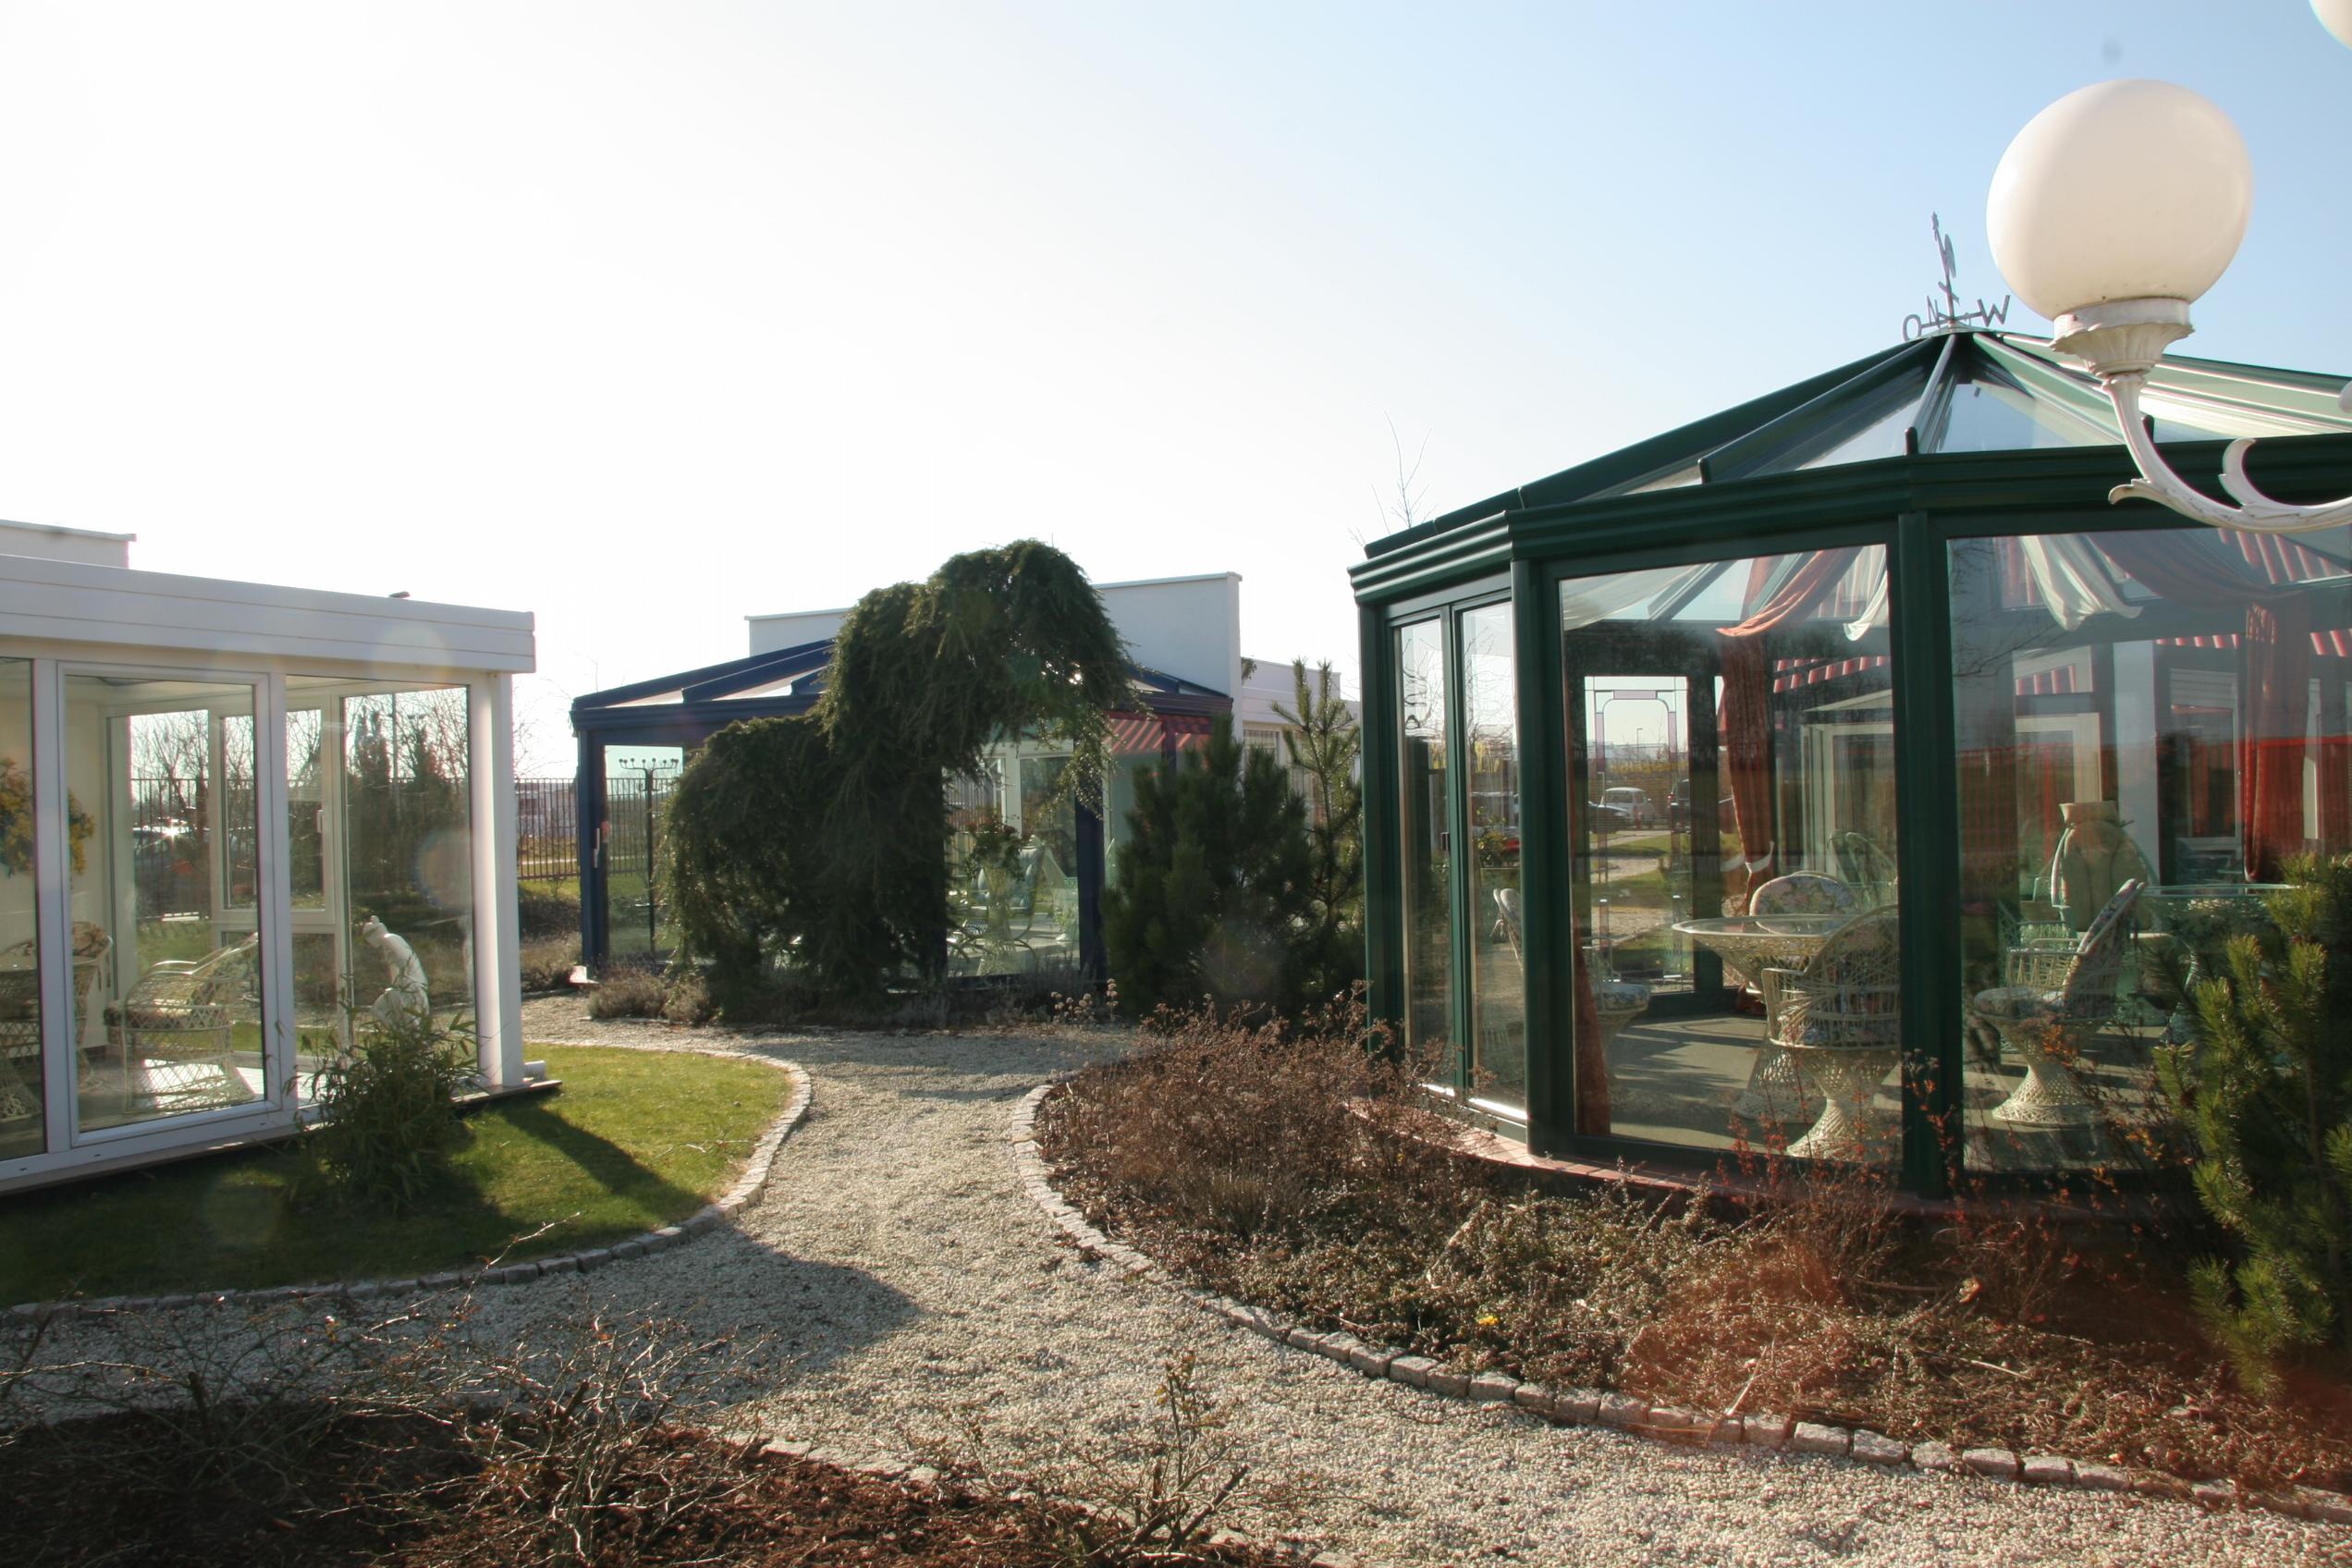 Fesselnde Masson Wintergarten Galerie Von 8 Masson-wawer